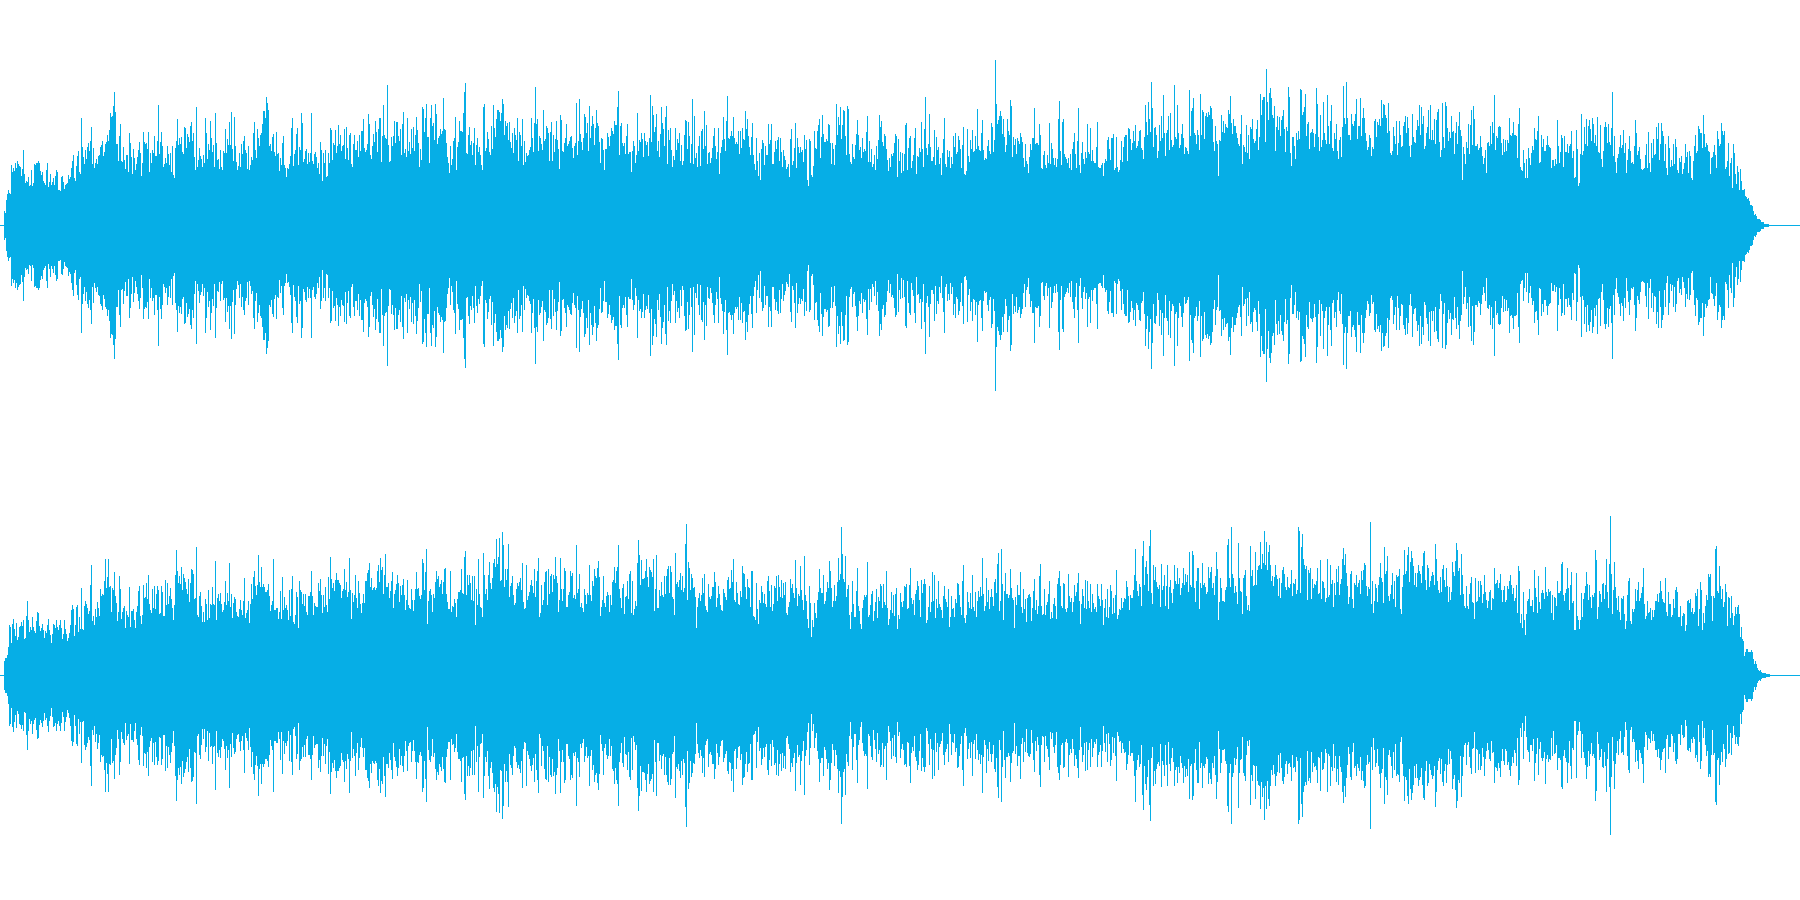 尺八メインのポップな和風BGMの再生済みの波形